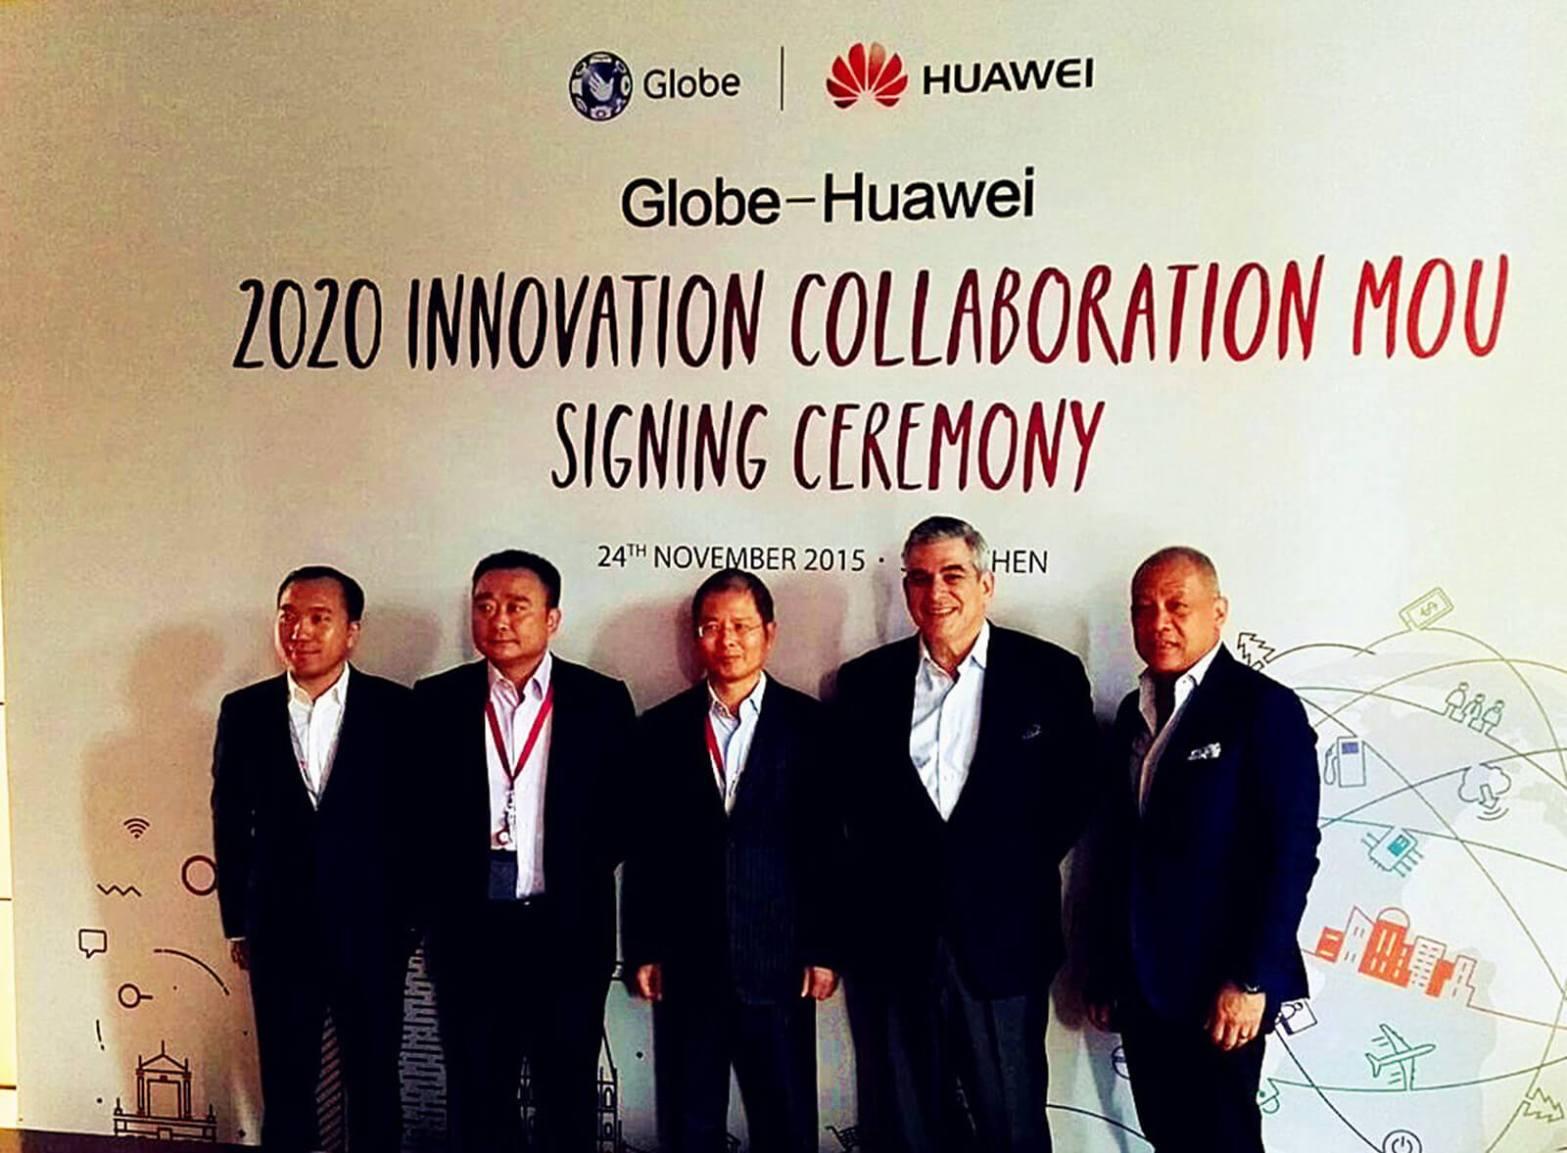 Globe Huawei agreement